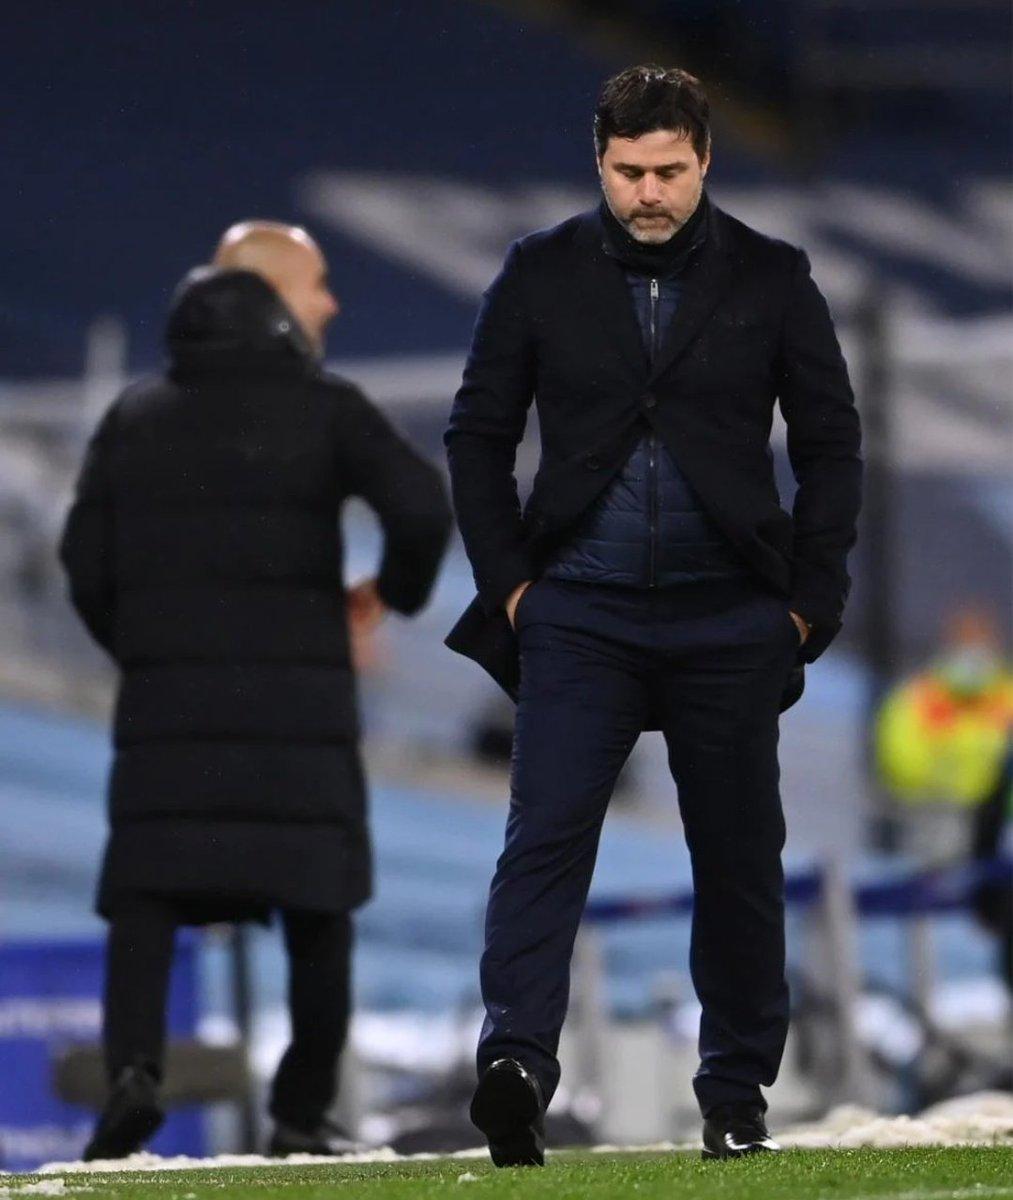 ماوريسيو بوتشيتينو [@PSG_arab]:لعبنا المباراة